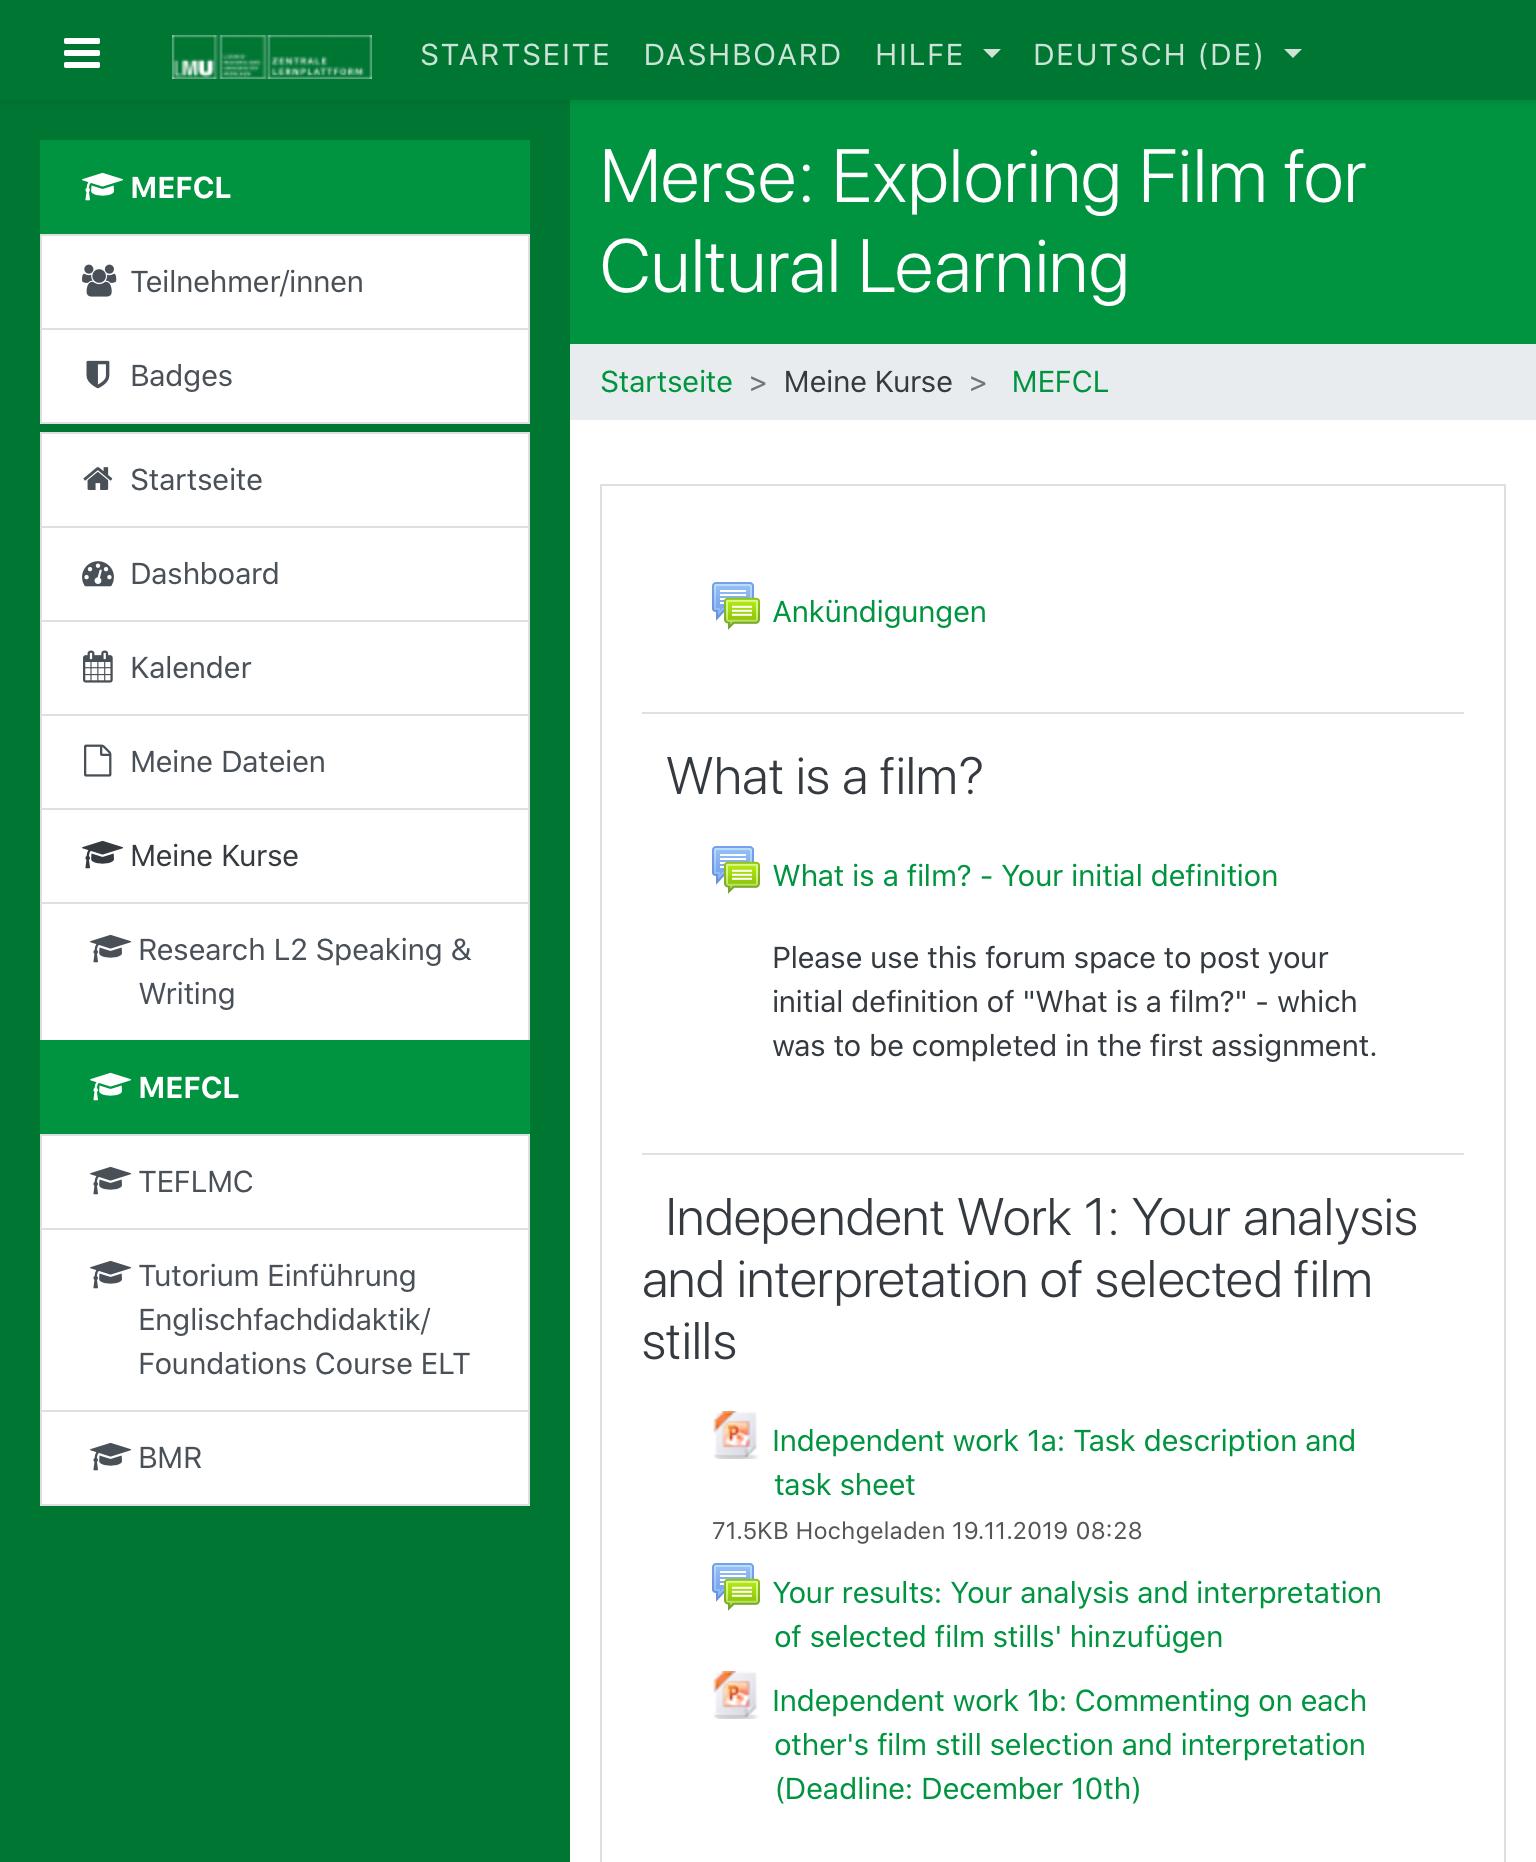 Слева можно найти все курсы, на которые студент зарегистрирован, и календарь с расписанием. Справа файлы с заданиями и форумы дляобсуждений